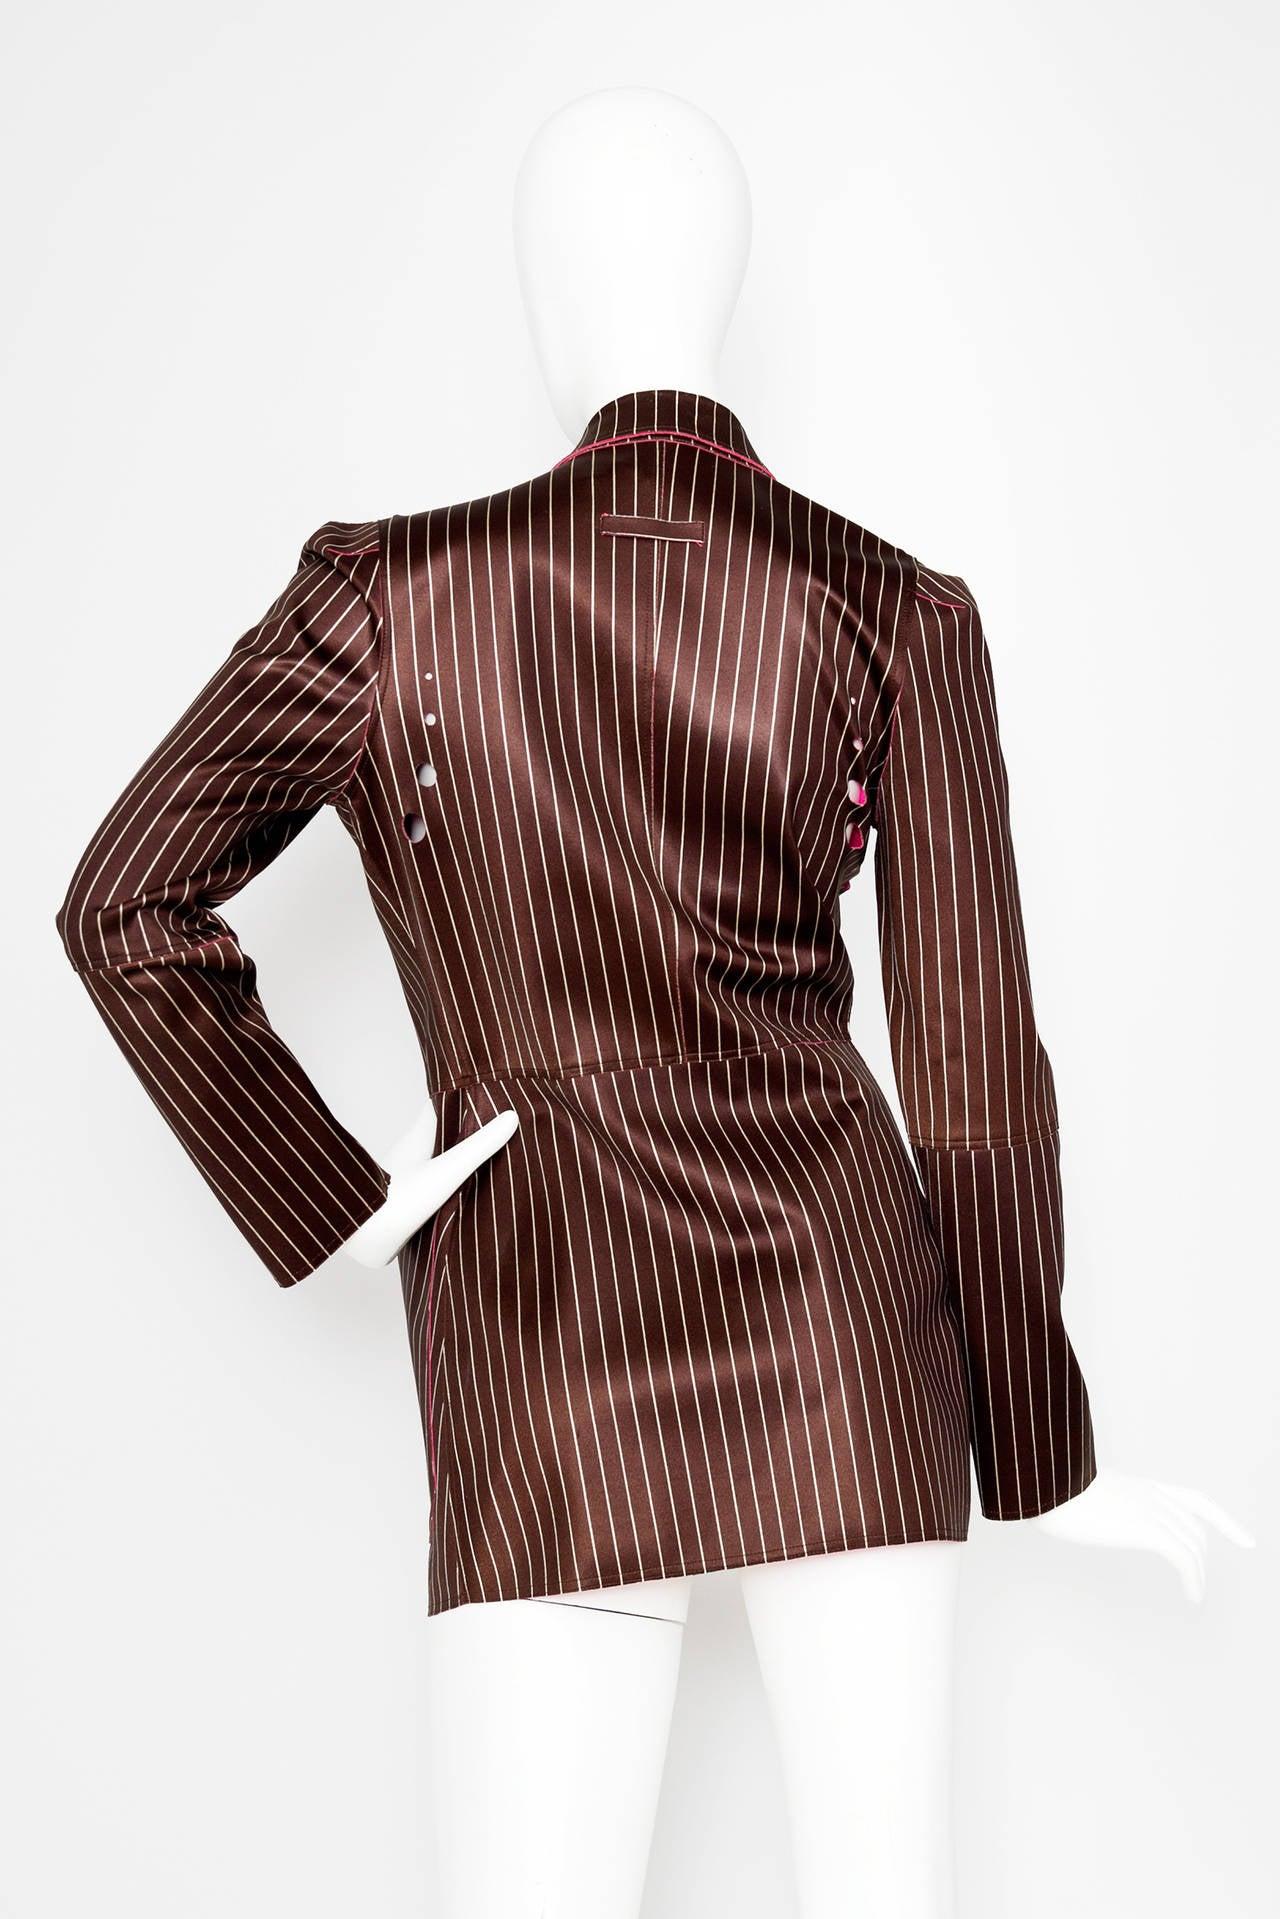 Brown 1990s Jean Paul Gaultier Neoprene Pinstripe Blazer Jacket For Sale